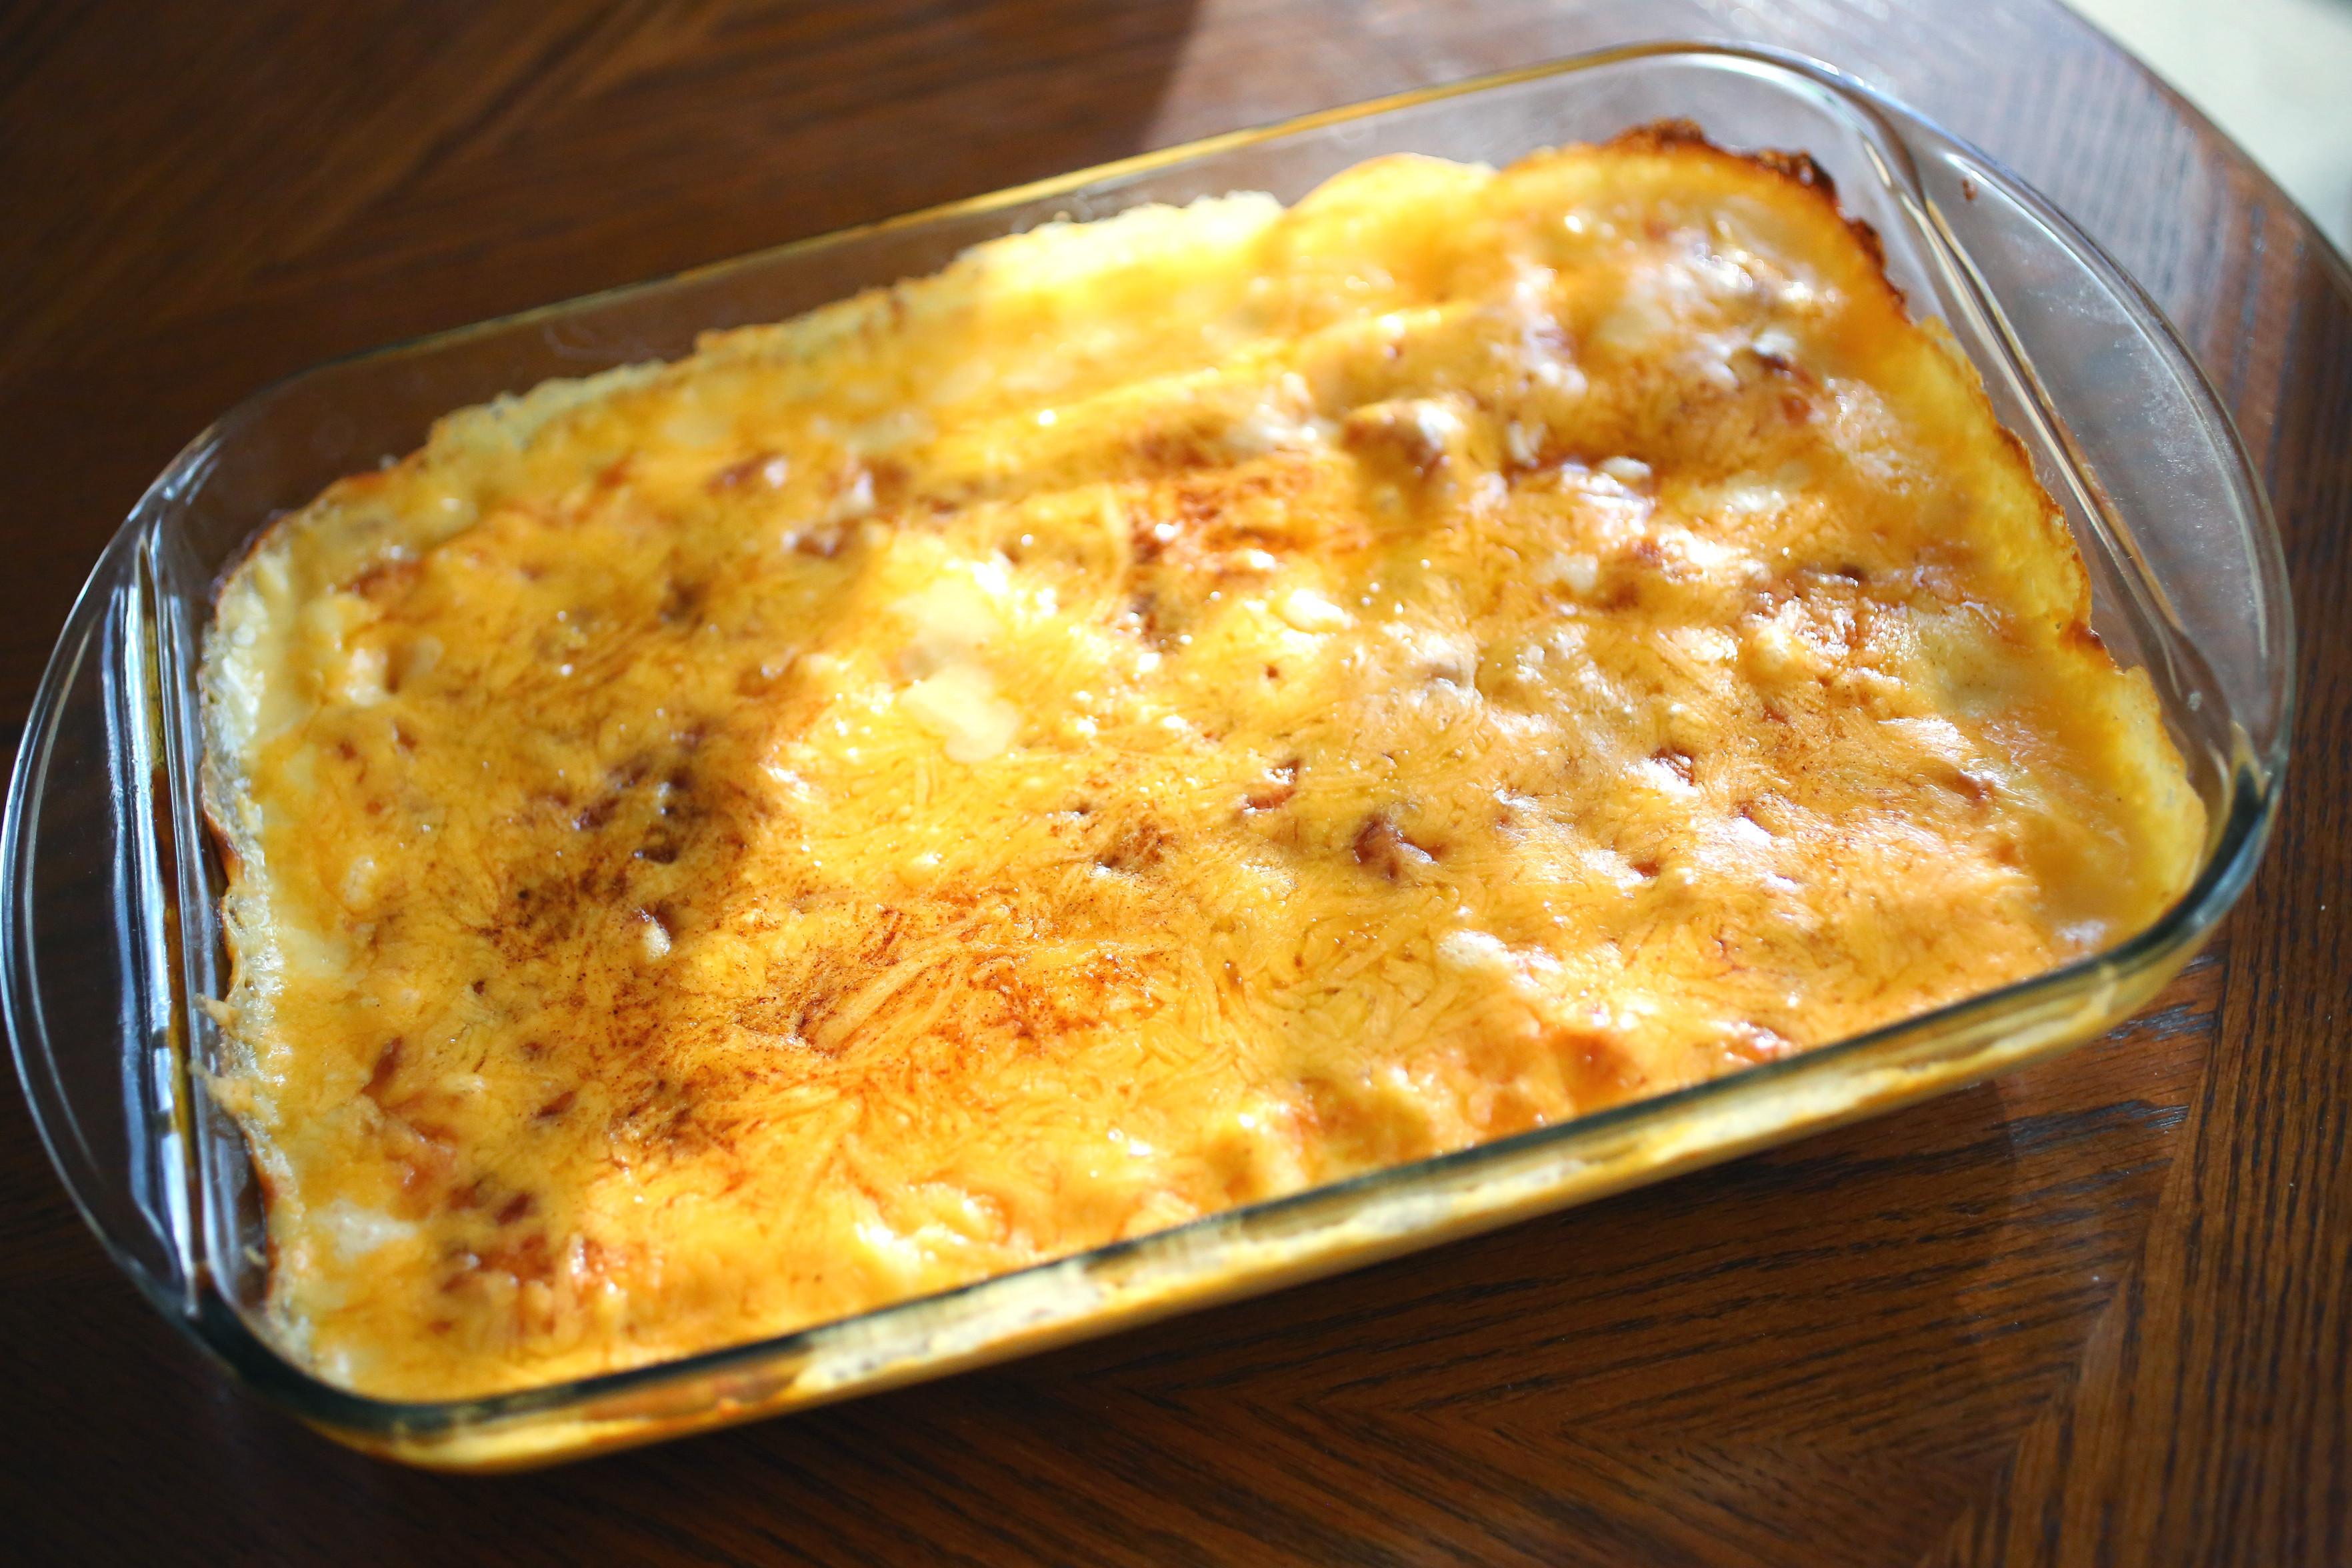 Sausage And Potato Casserole  Cheesy Potato & Smoked Sausage Casserole The Late Stork